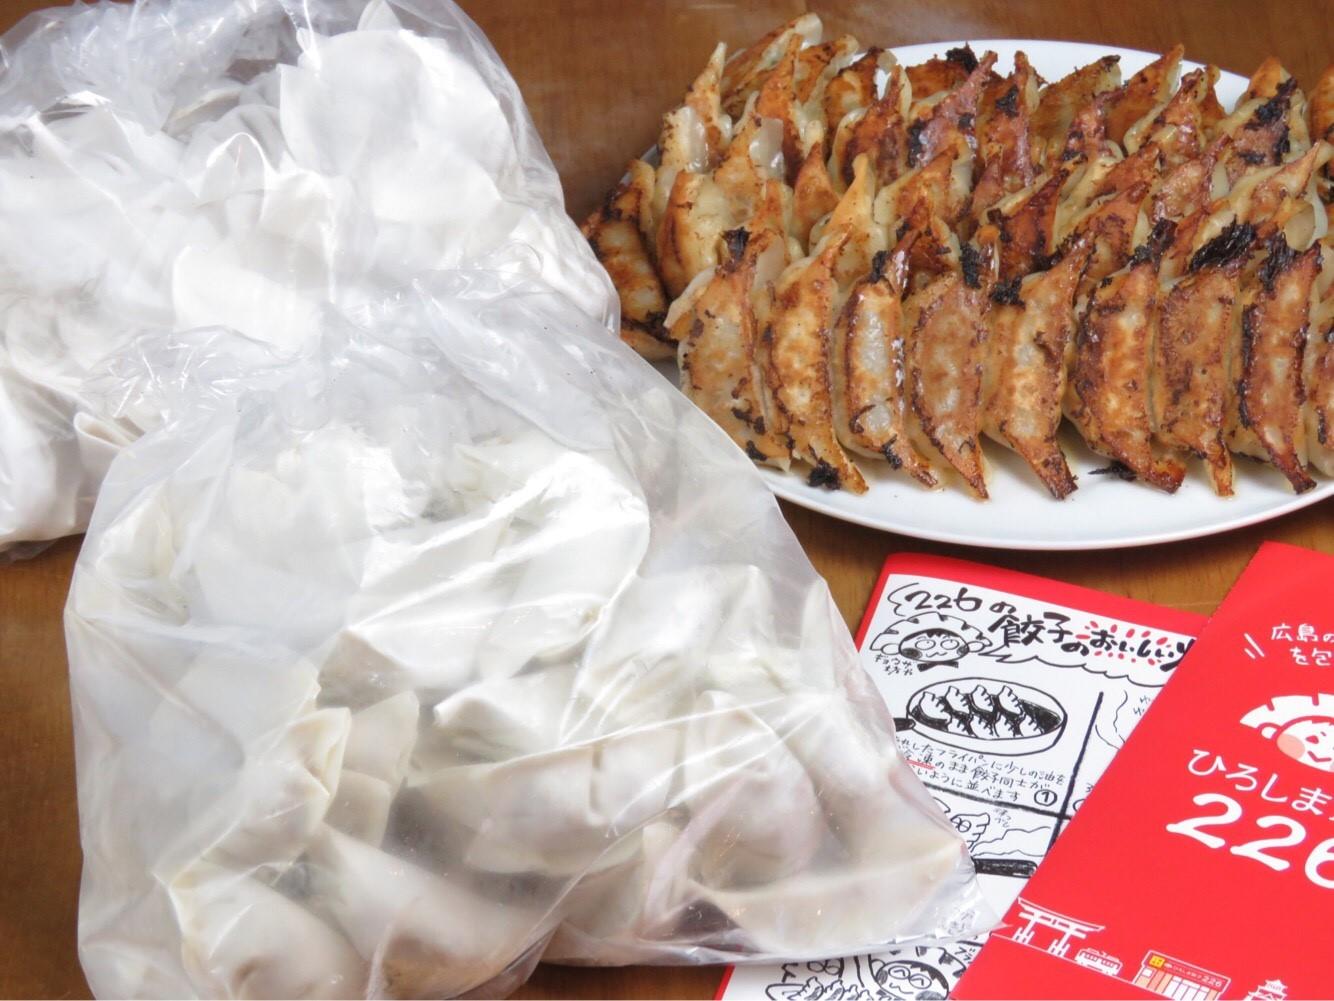 【新商品】お試し用30個入り・1kg50個入りで餃子います(^_-)